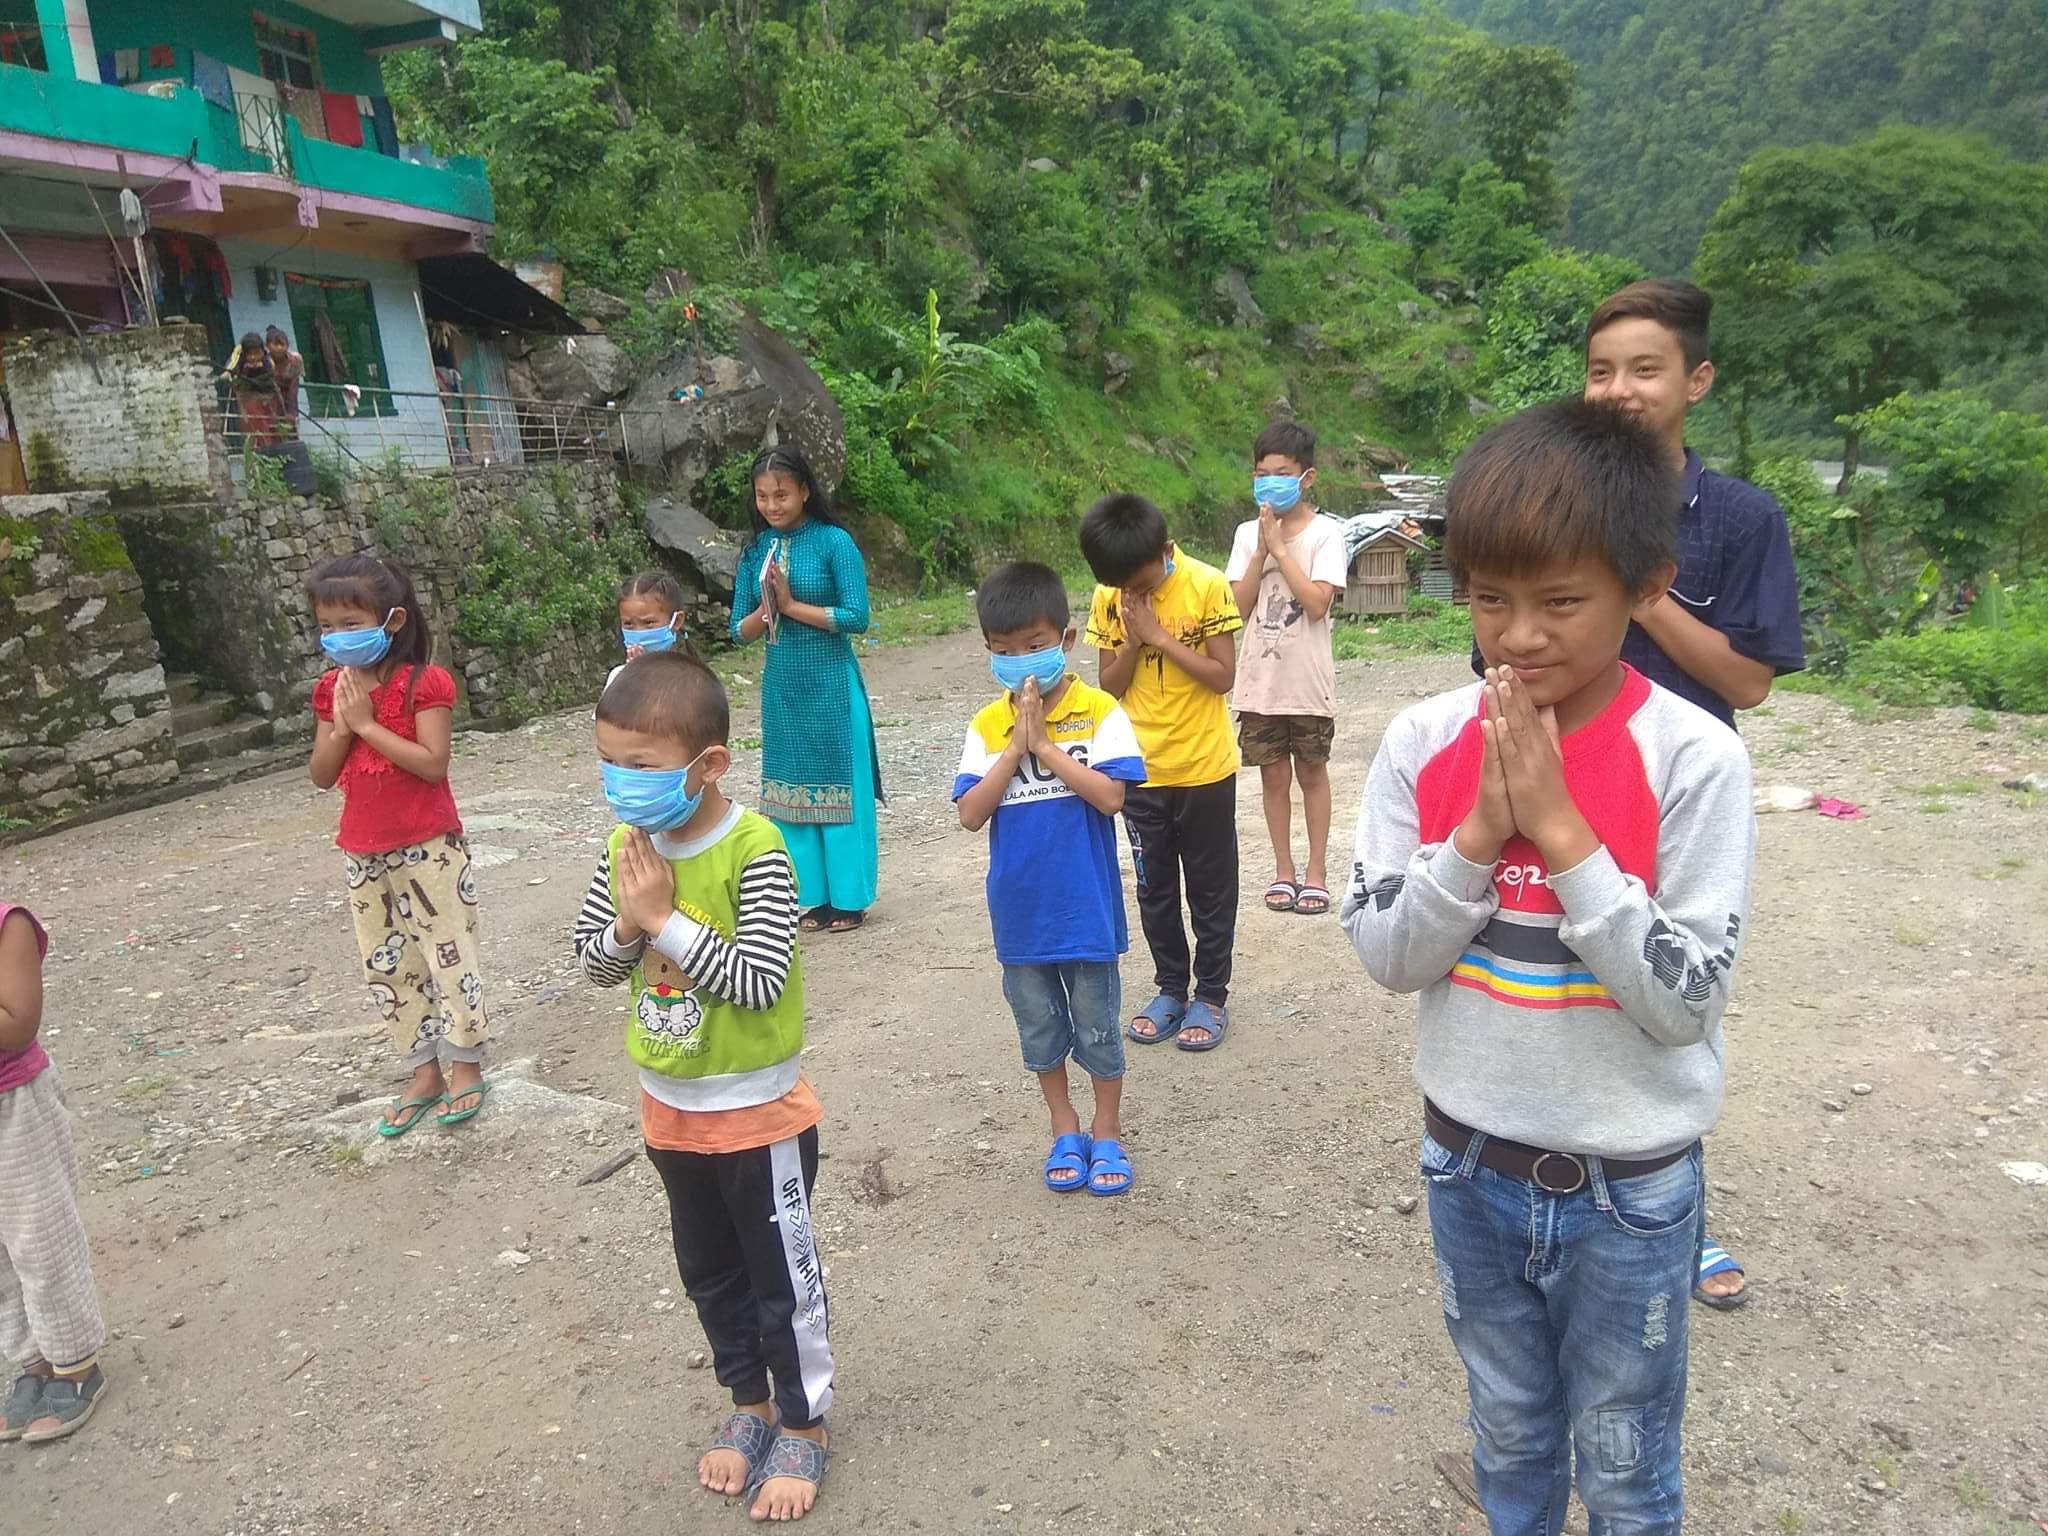 nei villaggi (2)